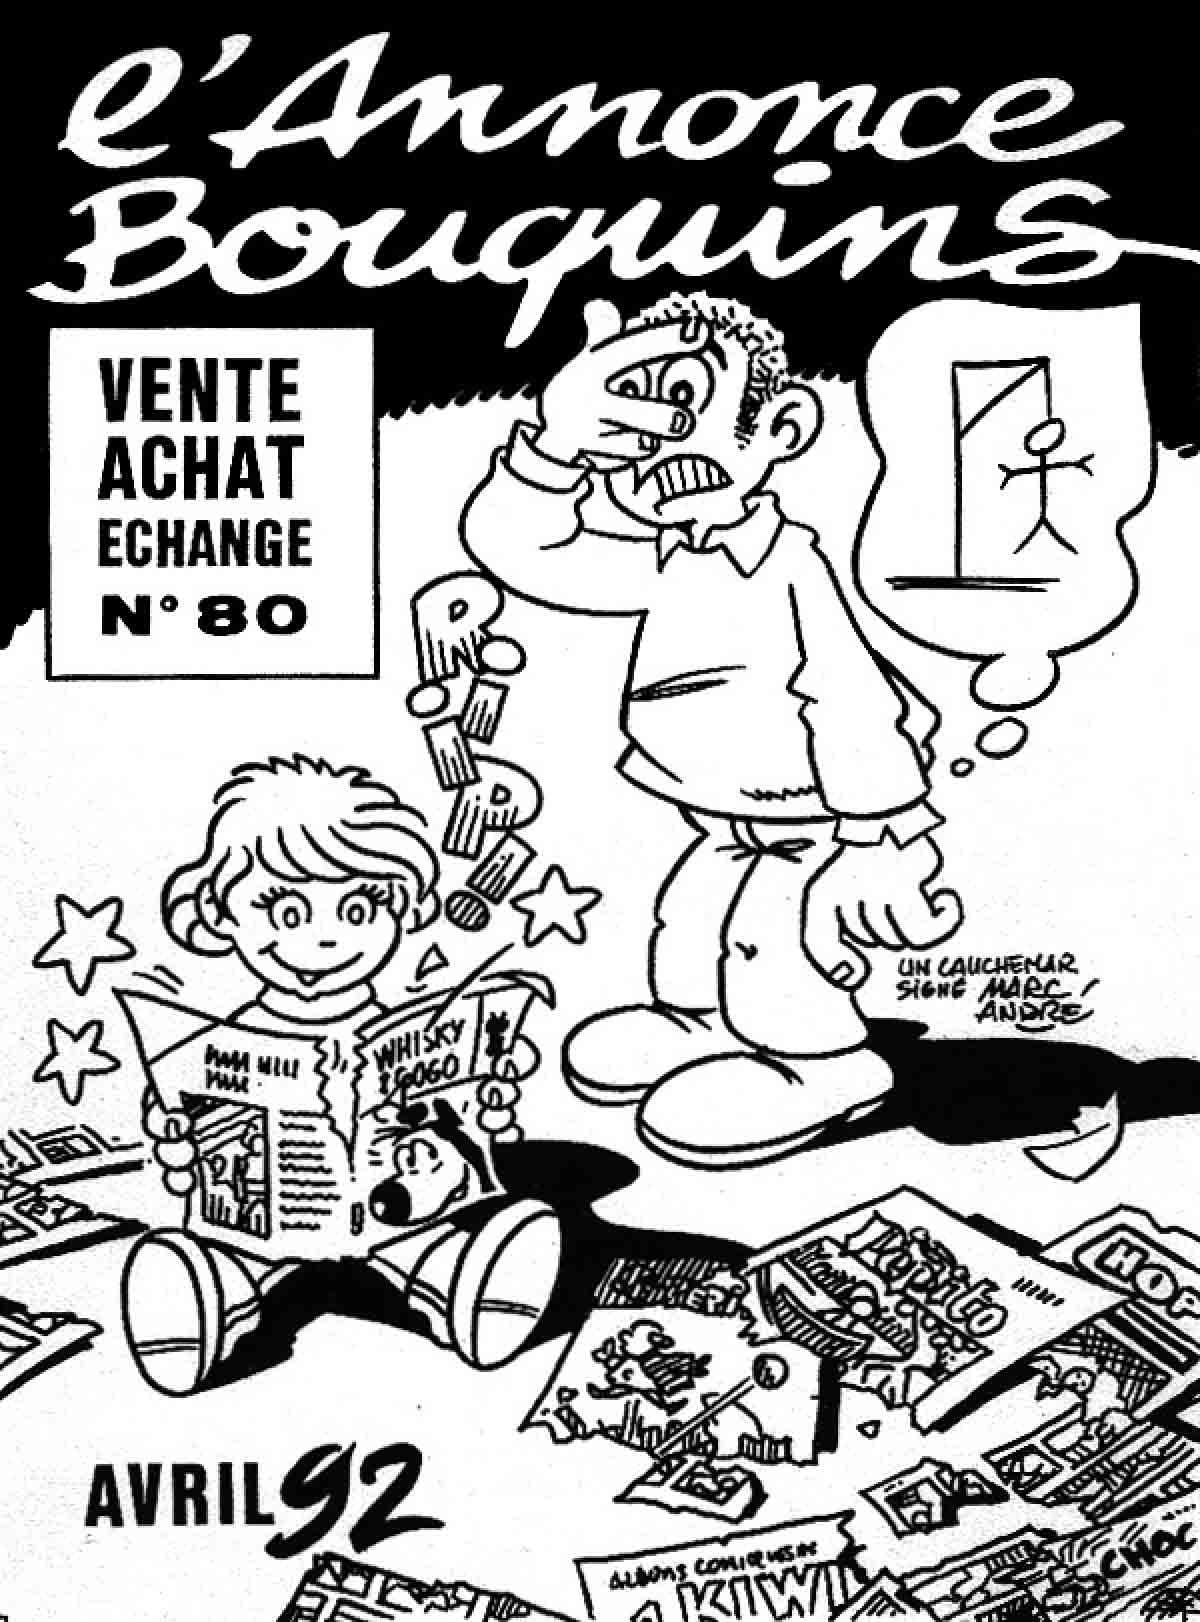 L'annonce-Bouquins 80 - avril 1992 - par Marc-André - 1992-1995 - Bande dessinée - Libourne - Marc-André BD Illustration Graphisme - Limoges